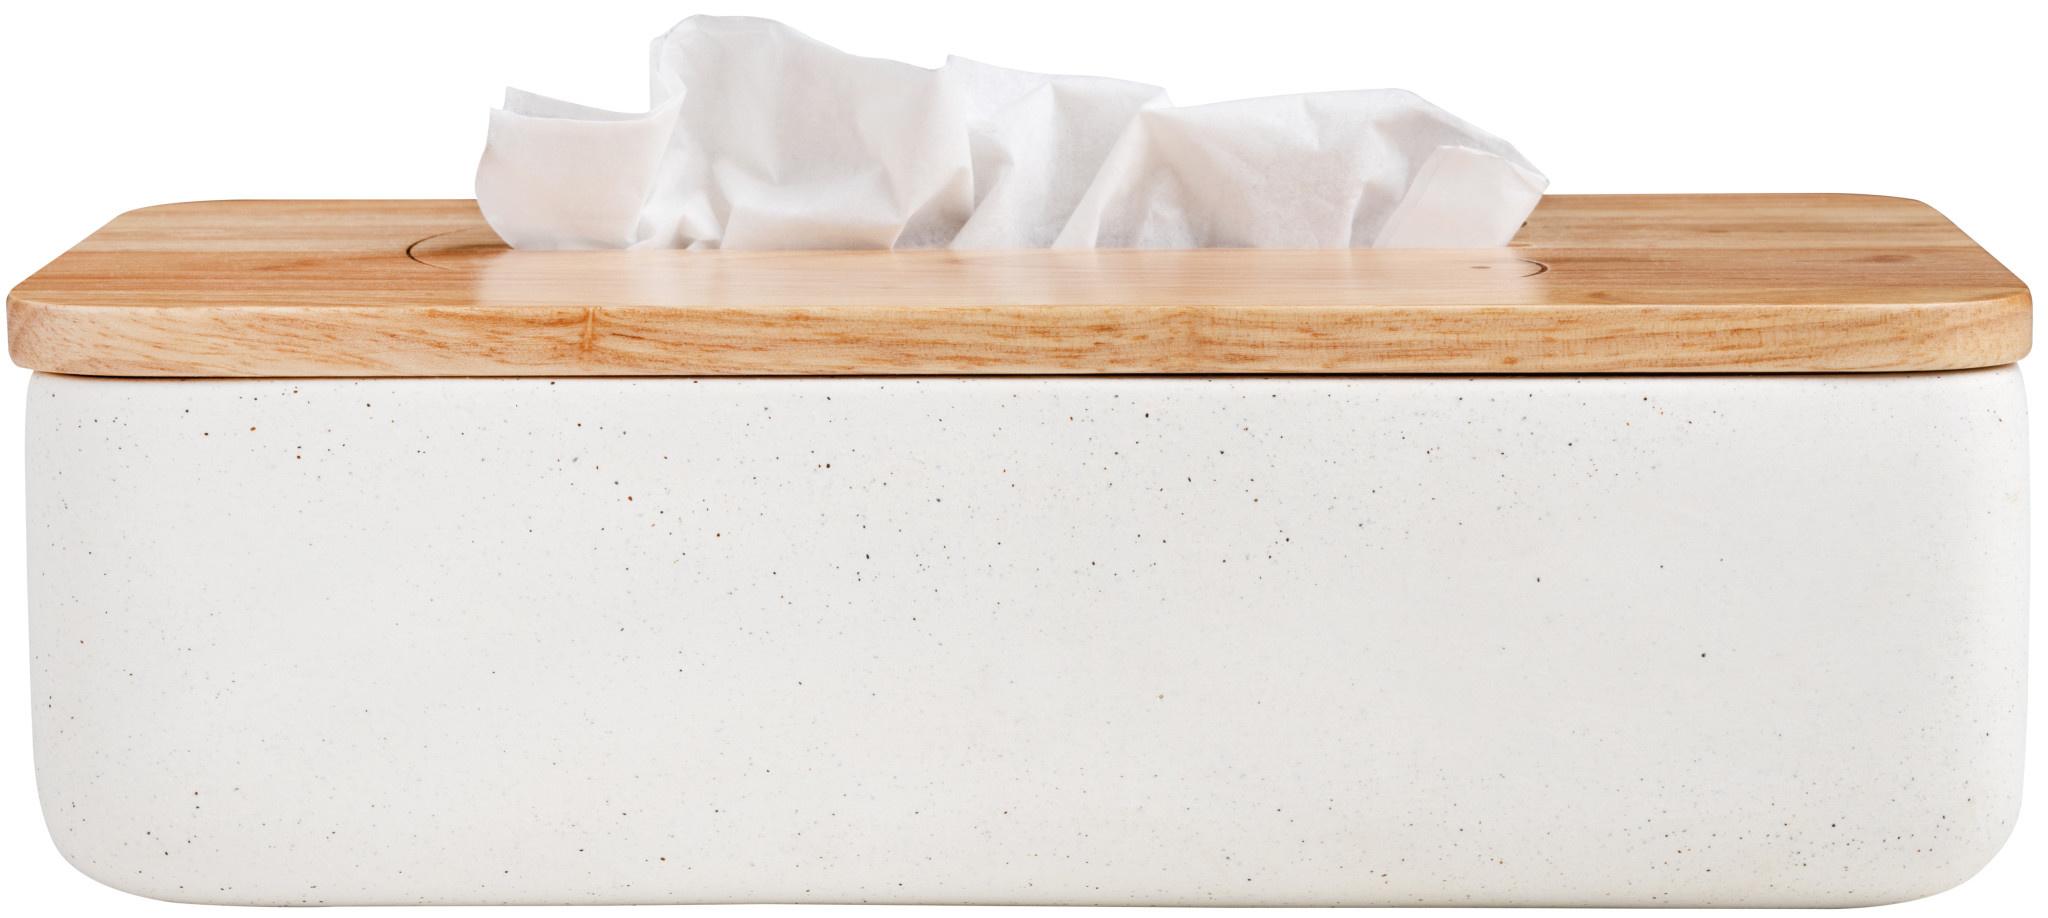 Räder zakdoeken box